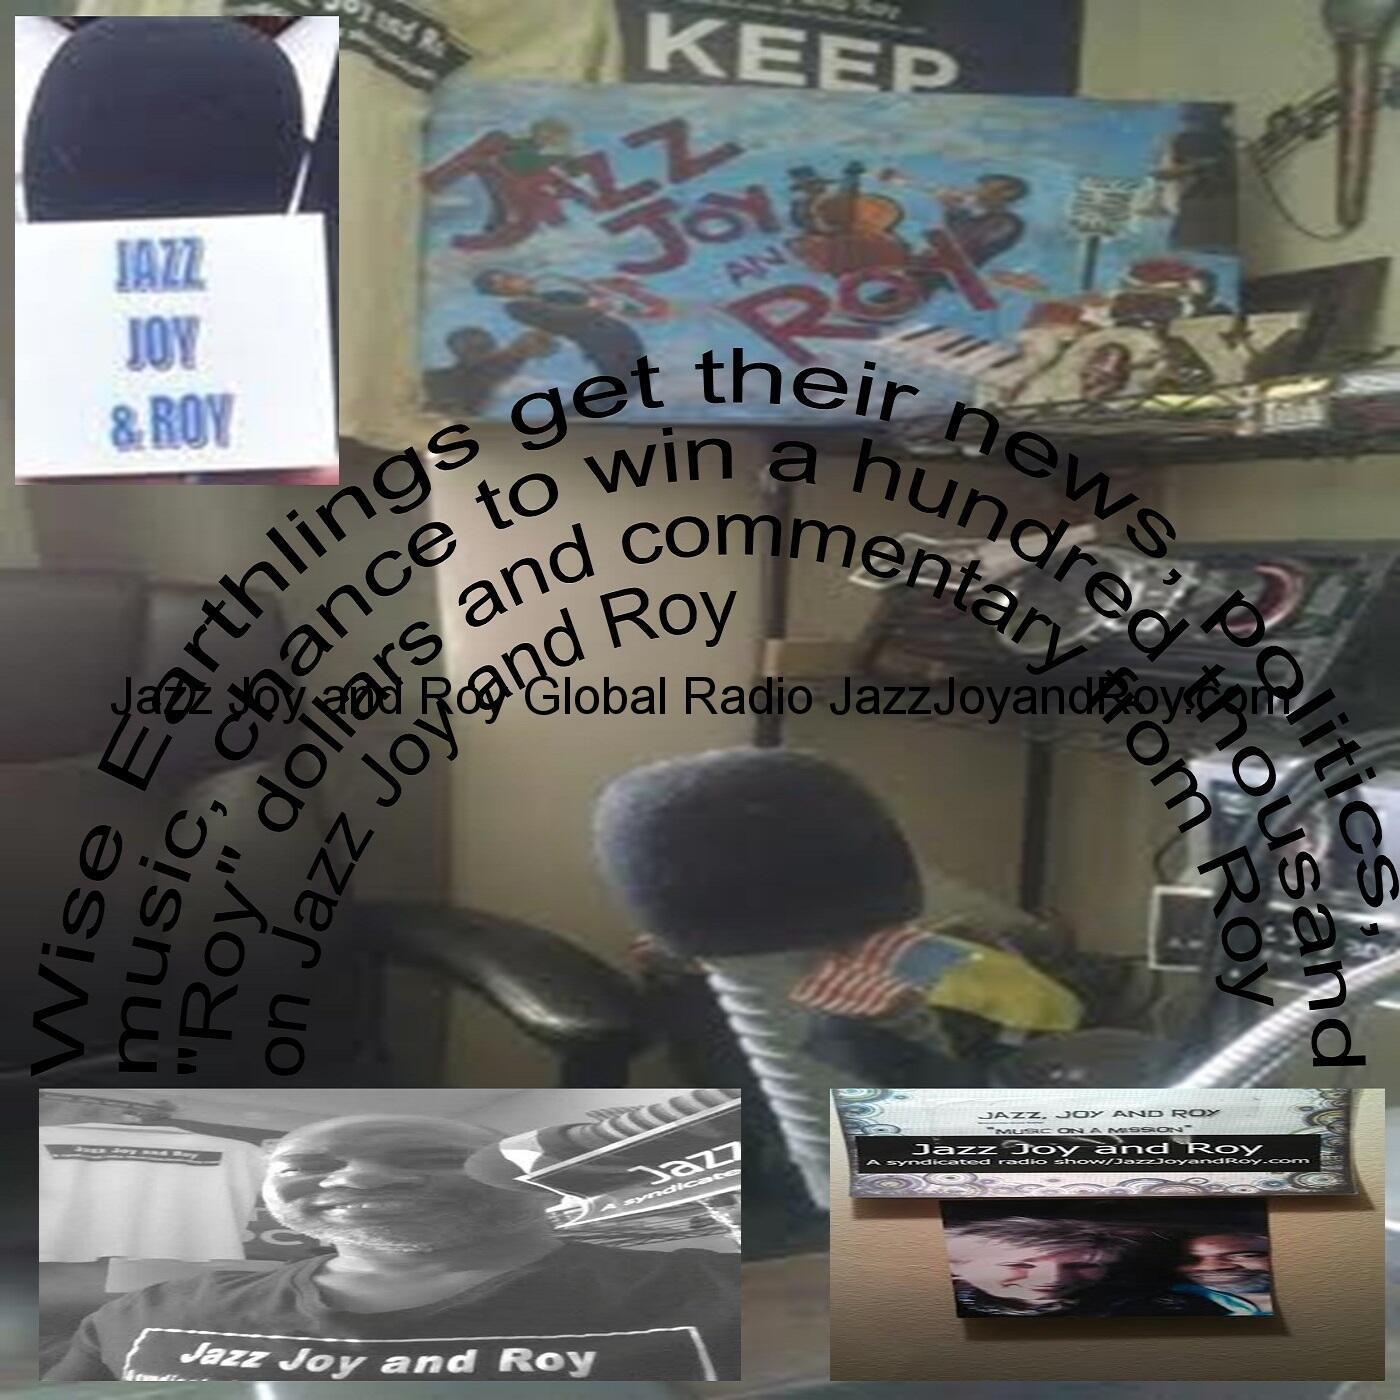 Jazz Joy and Roy Global Radio